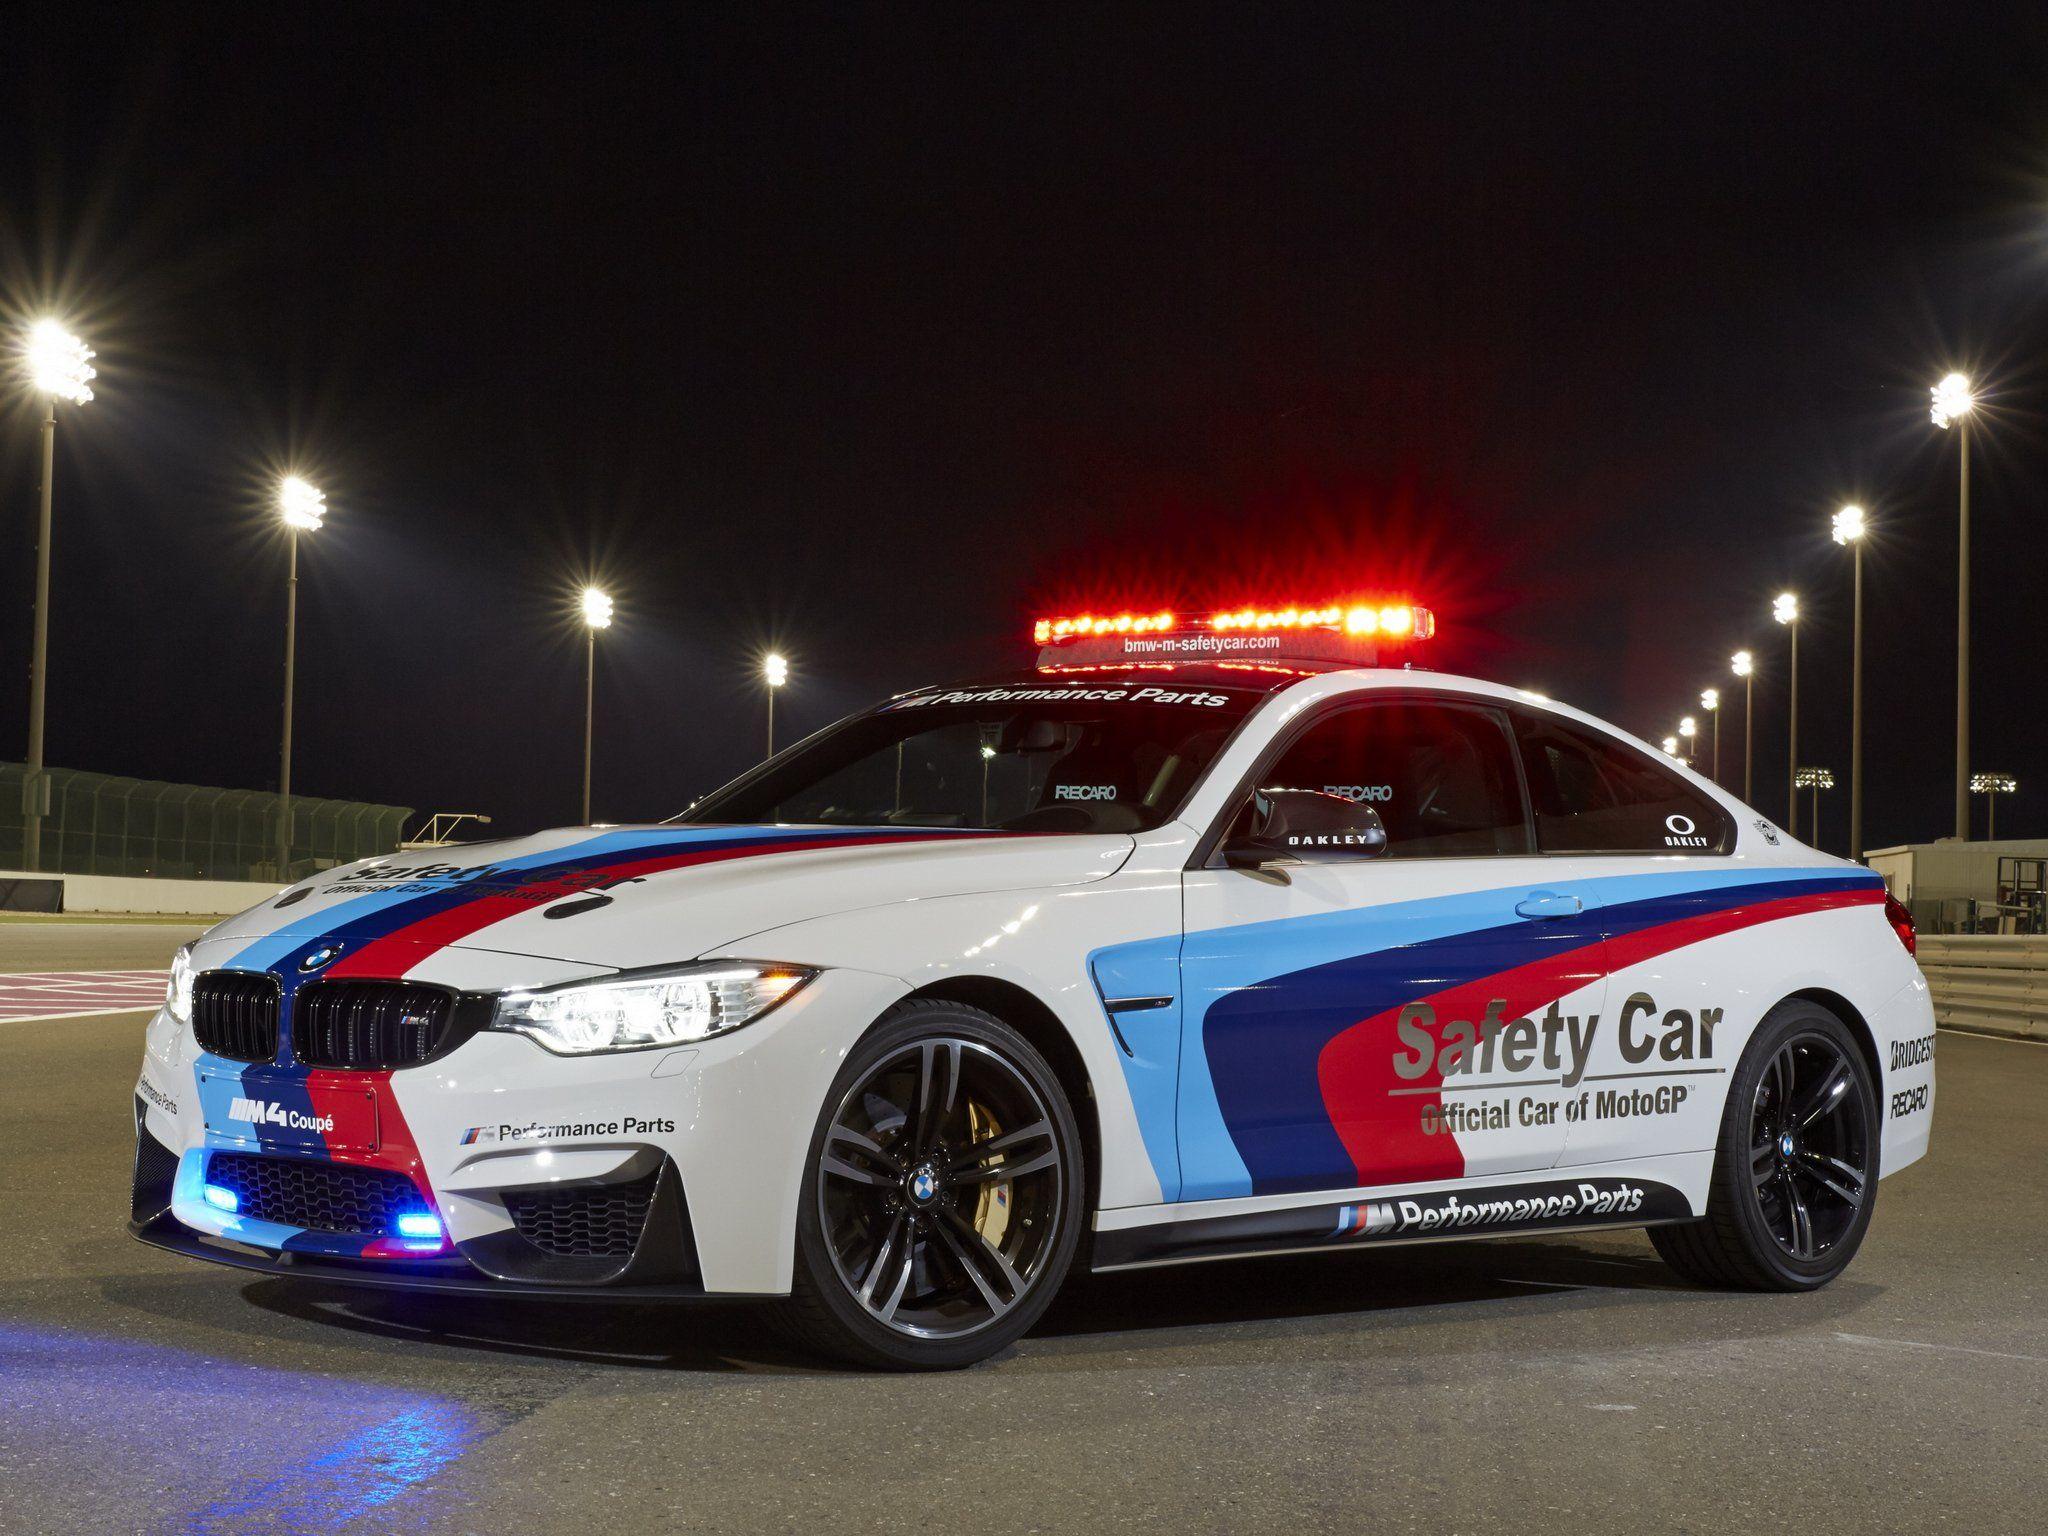 2014 BMW M4 Coupe MotoGP Safety Car Bmw m4 coupé, Bmw